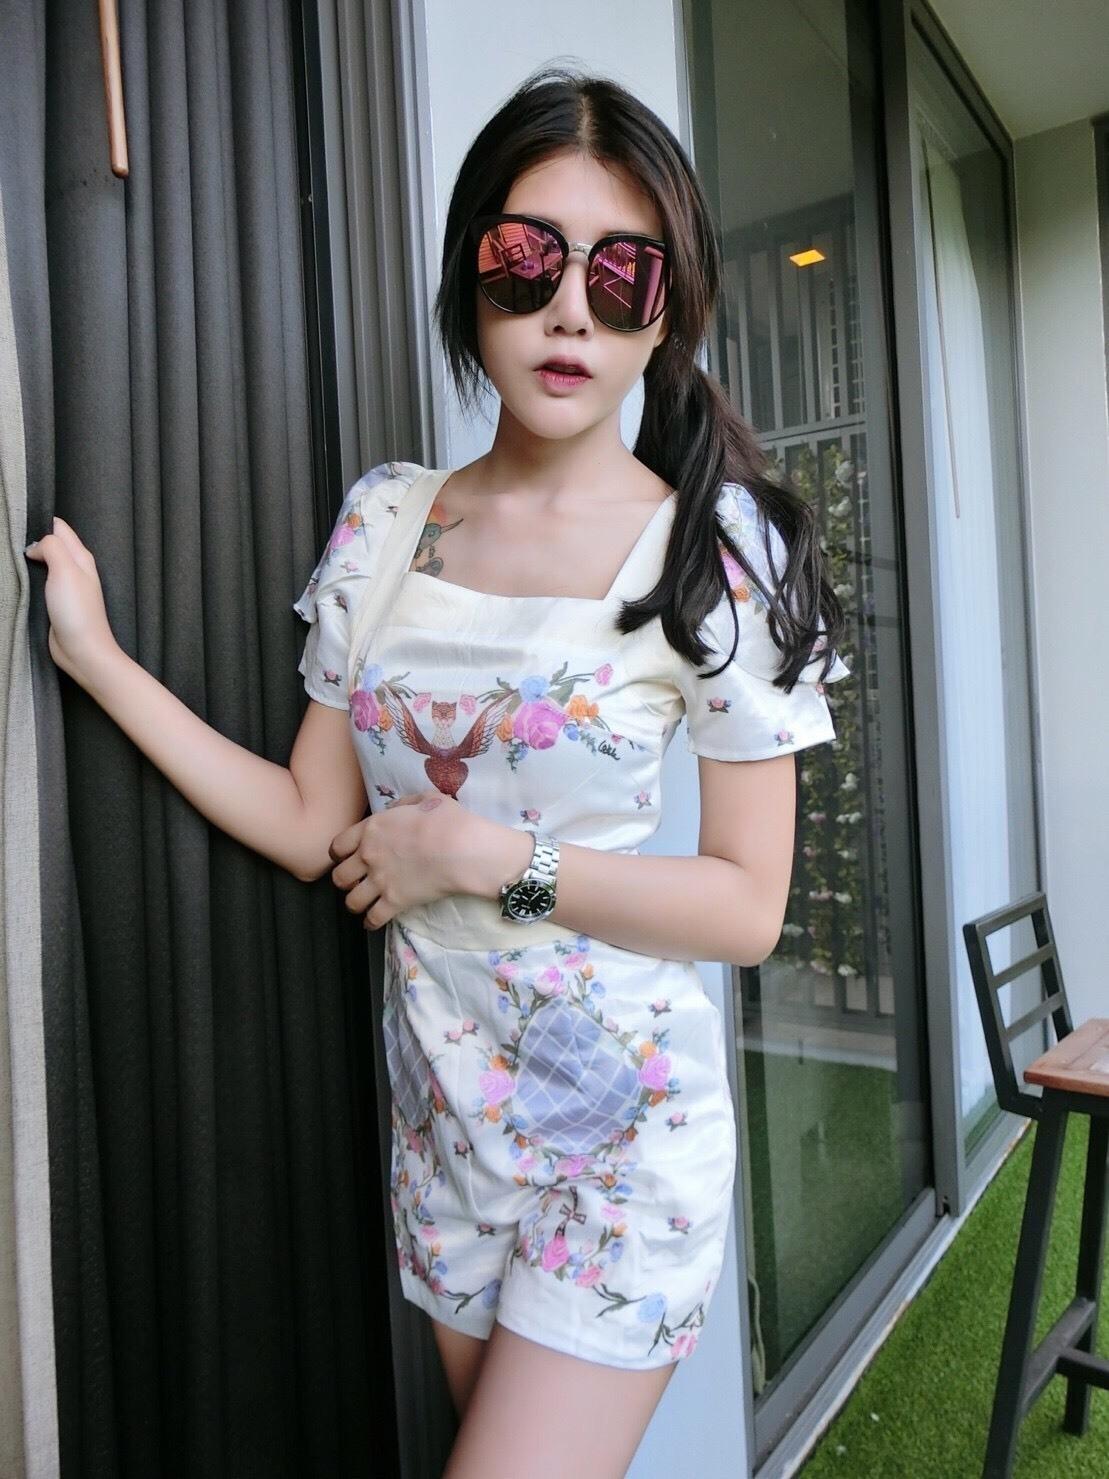 เสื้อผ้าแฟชั่นพร้อมส่งจะเรียกเจ้าหญิงหรือนางฟ้าก้อได้ค้า นางสวยเล่อค่าจิงจิ้งงง